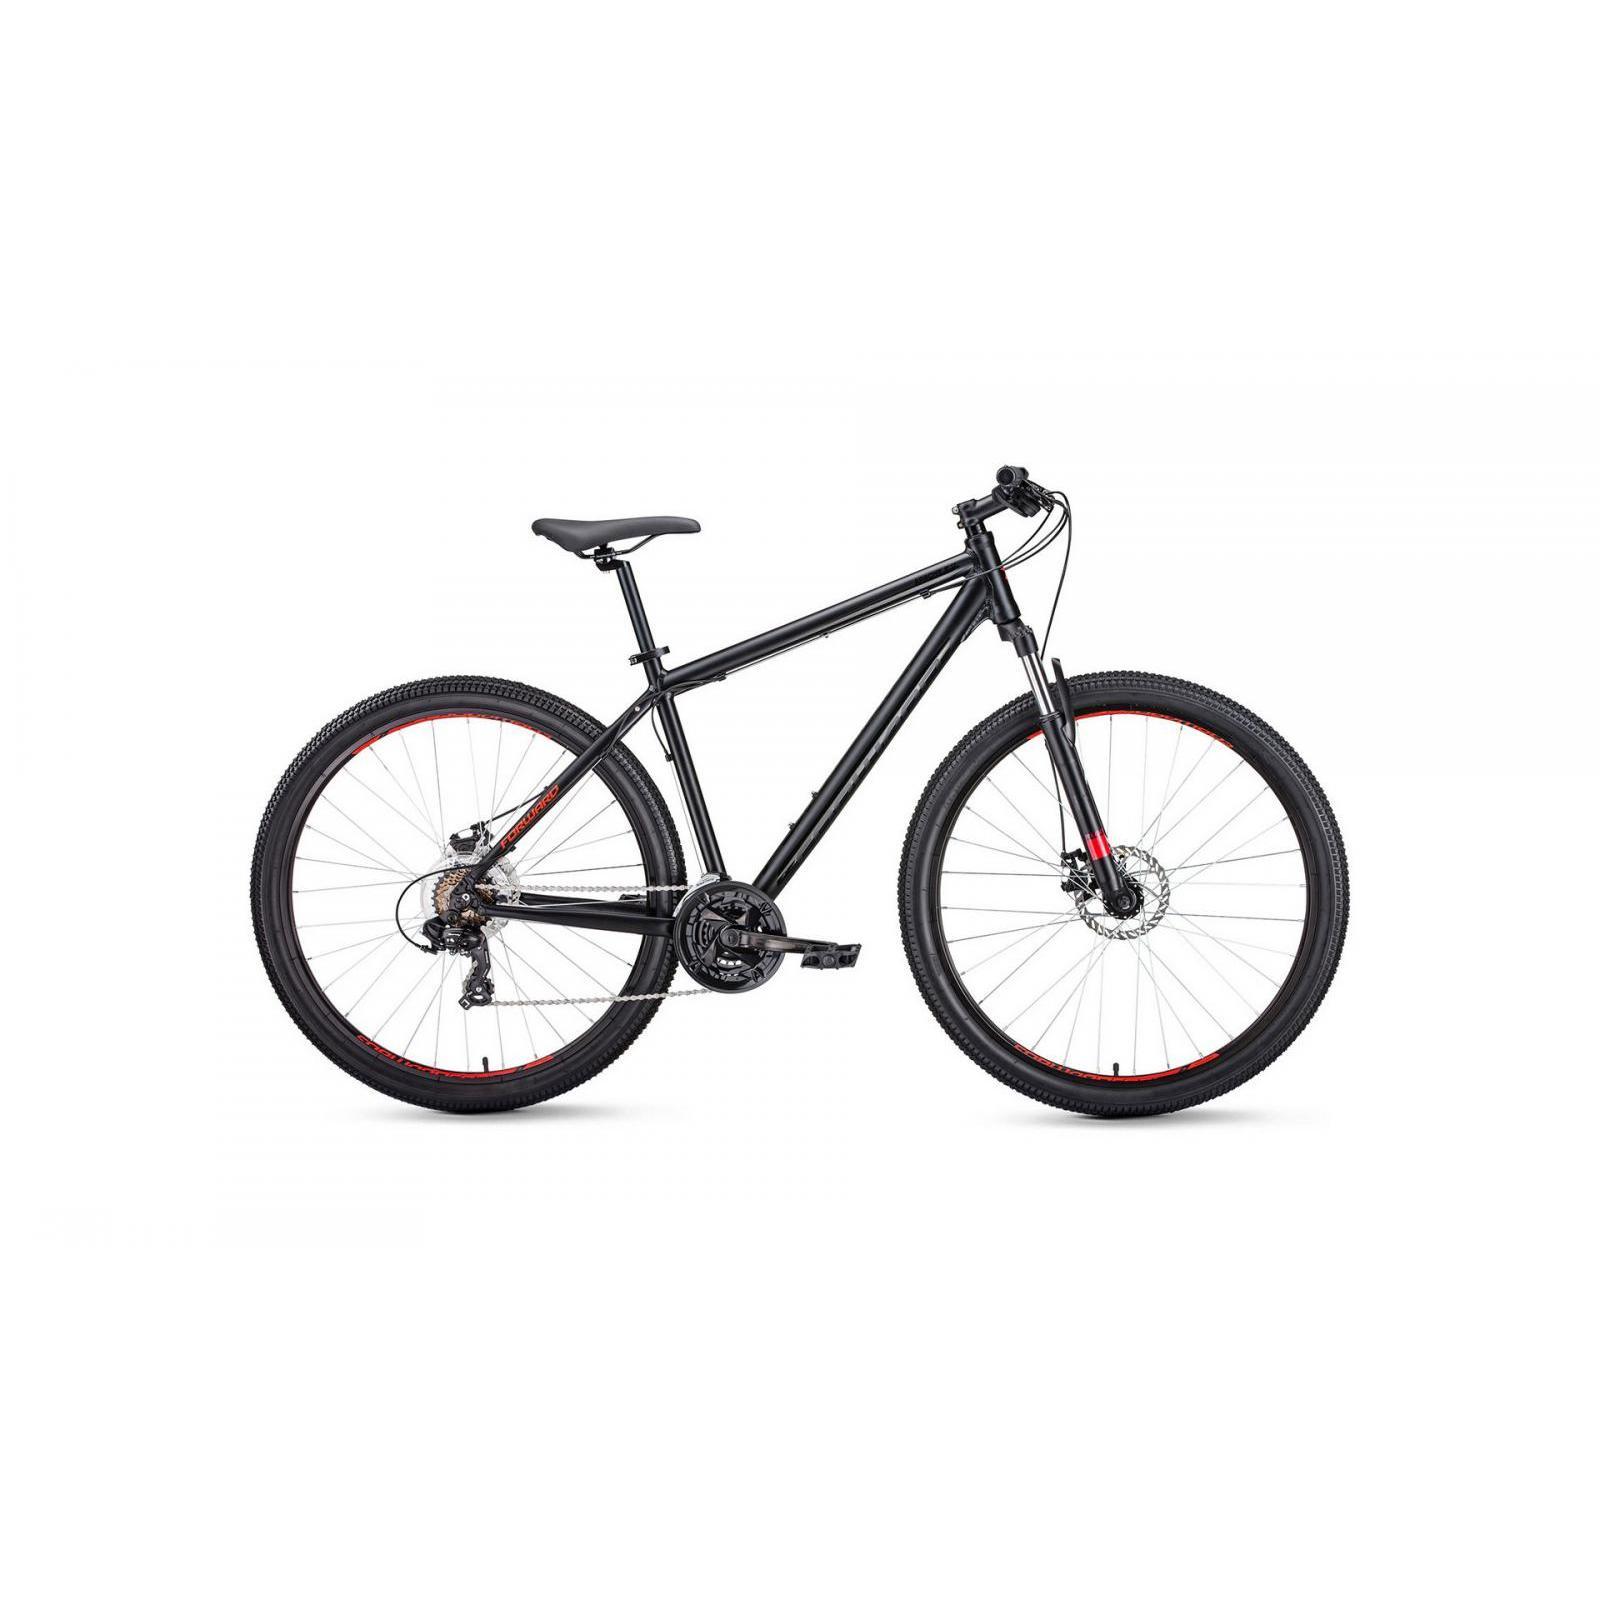 Mountainbike vorwärts Apache 2,0 disc 27,5 (2020), farbe schwarz matt